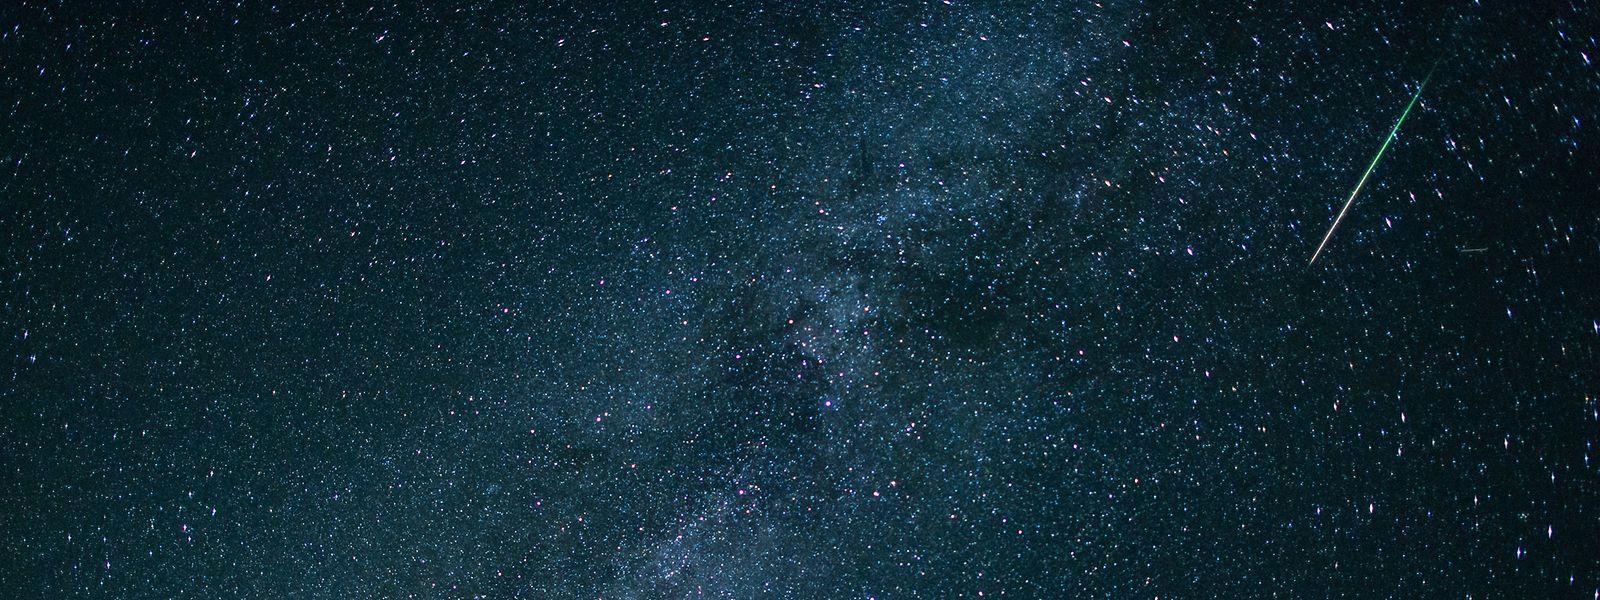 Eine Sternschnuppe leuchtet neben der Milchstraße am Himmel über dem Walchensee in Bayern (D). Jedes Jahr im August sind im Sternschnuppenstrom der Perseiden zahlreiche Sternschnuppen zu sehen.